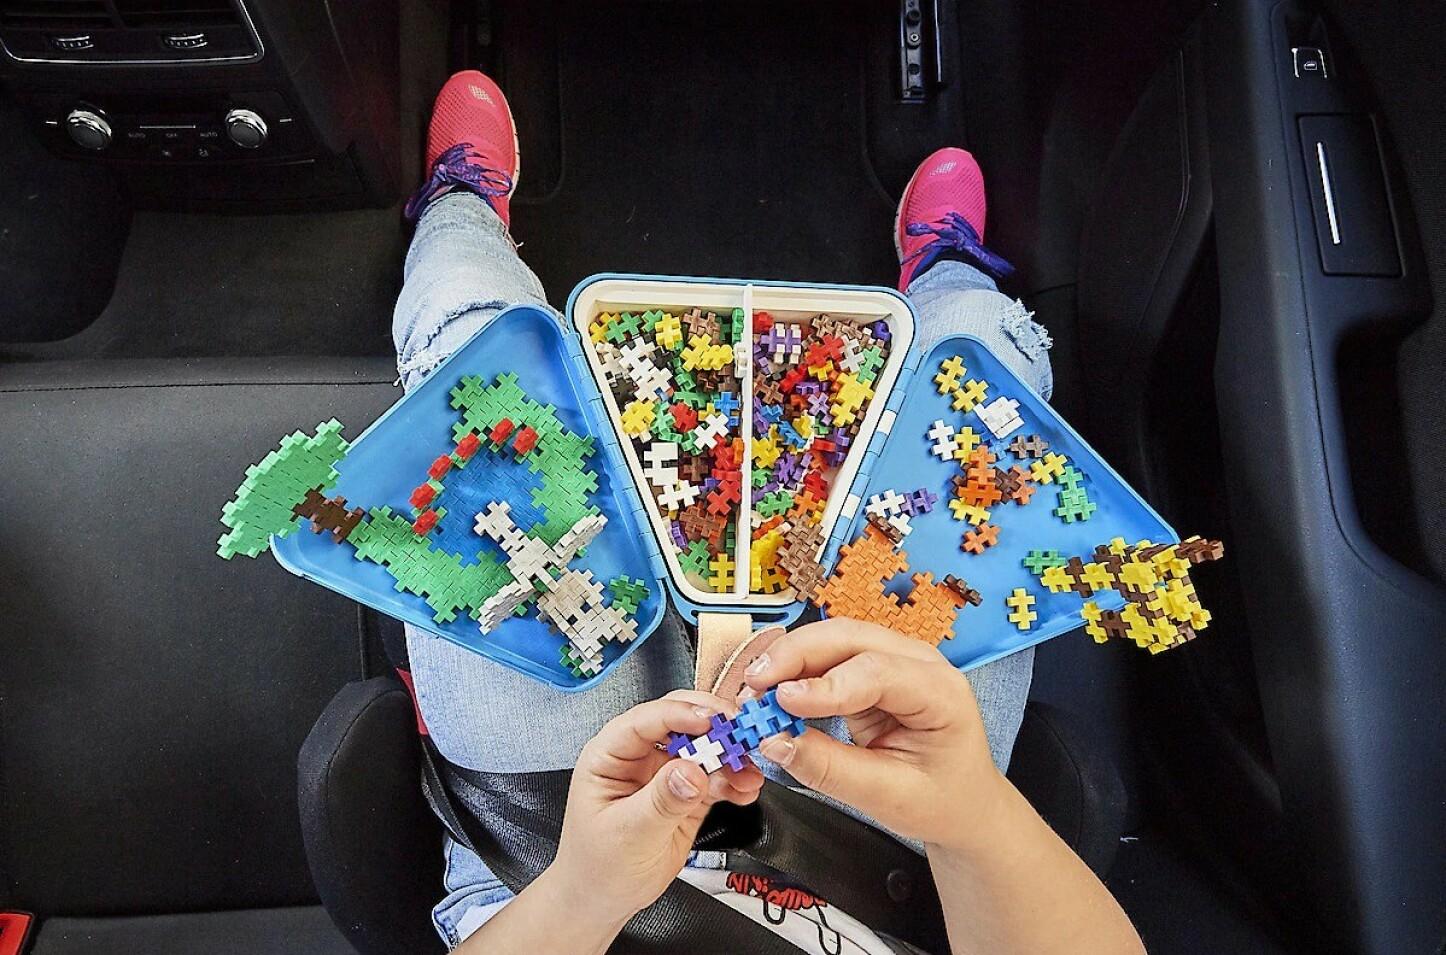 AKTIVITETER: De fleste barn synes at bilturer over ti minutter er ... lange! Et godt tips er å gi dem noe gøy å holde på med underveis!